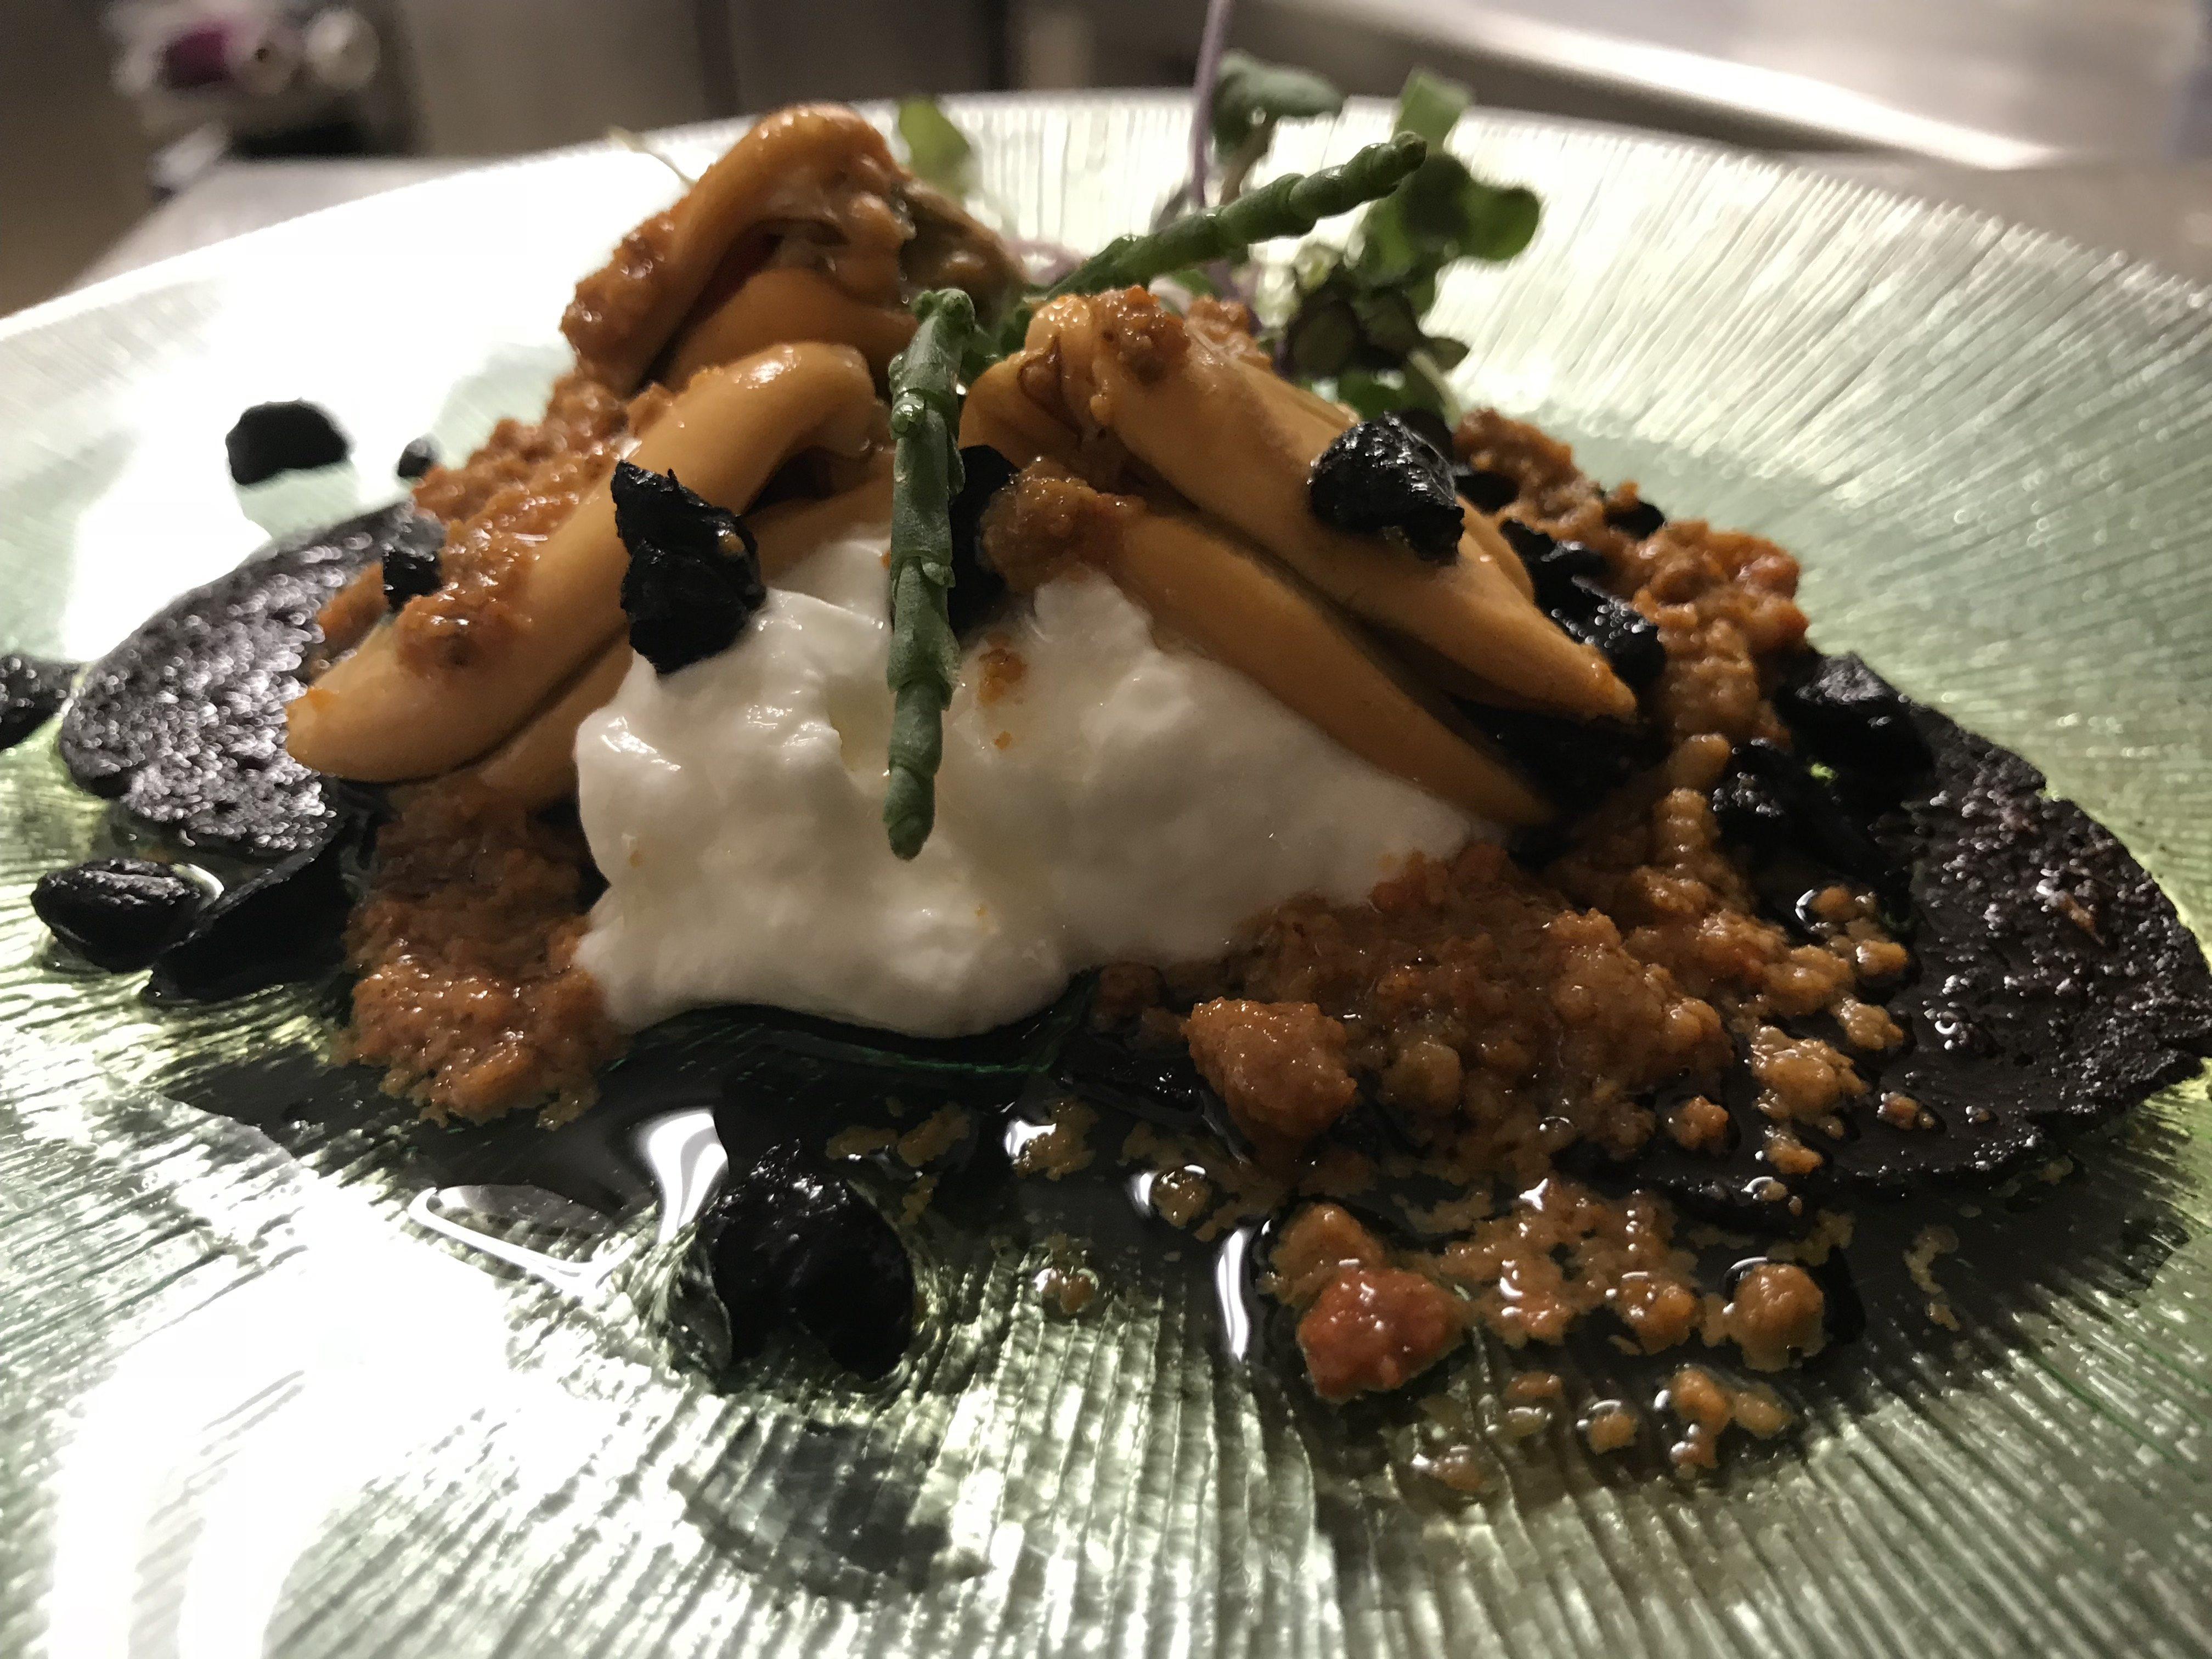 Mejillón sobre pan de ajo negro y vinagreta de oricios